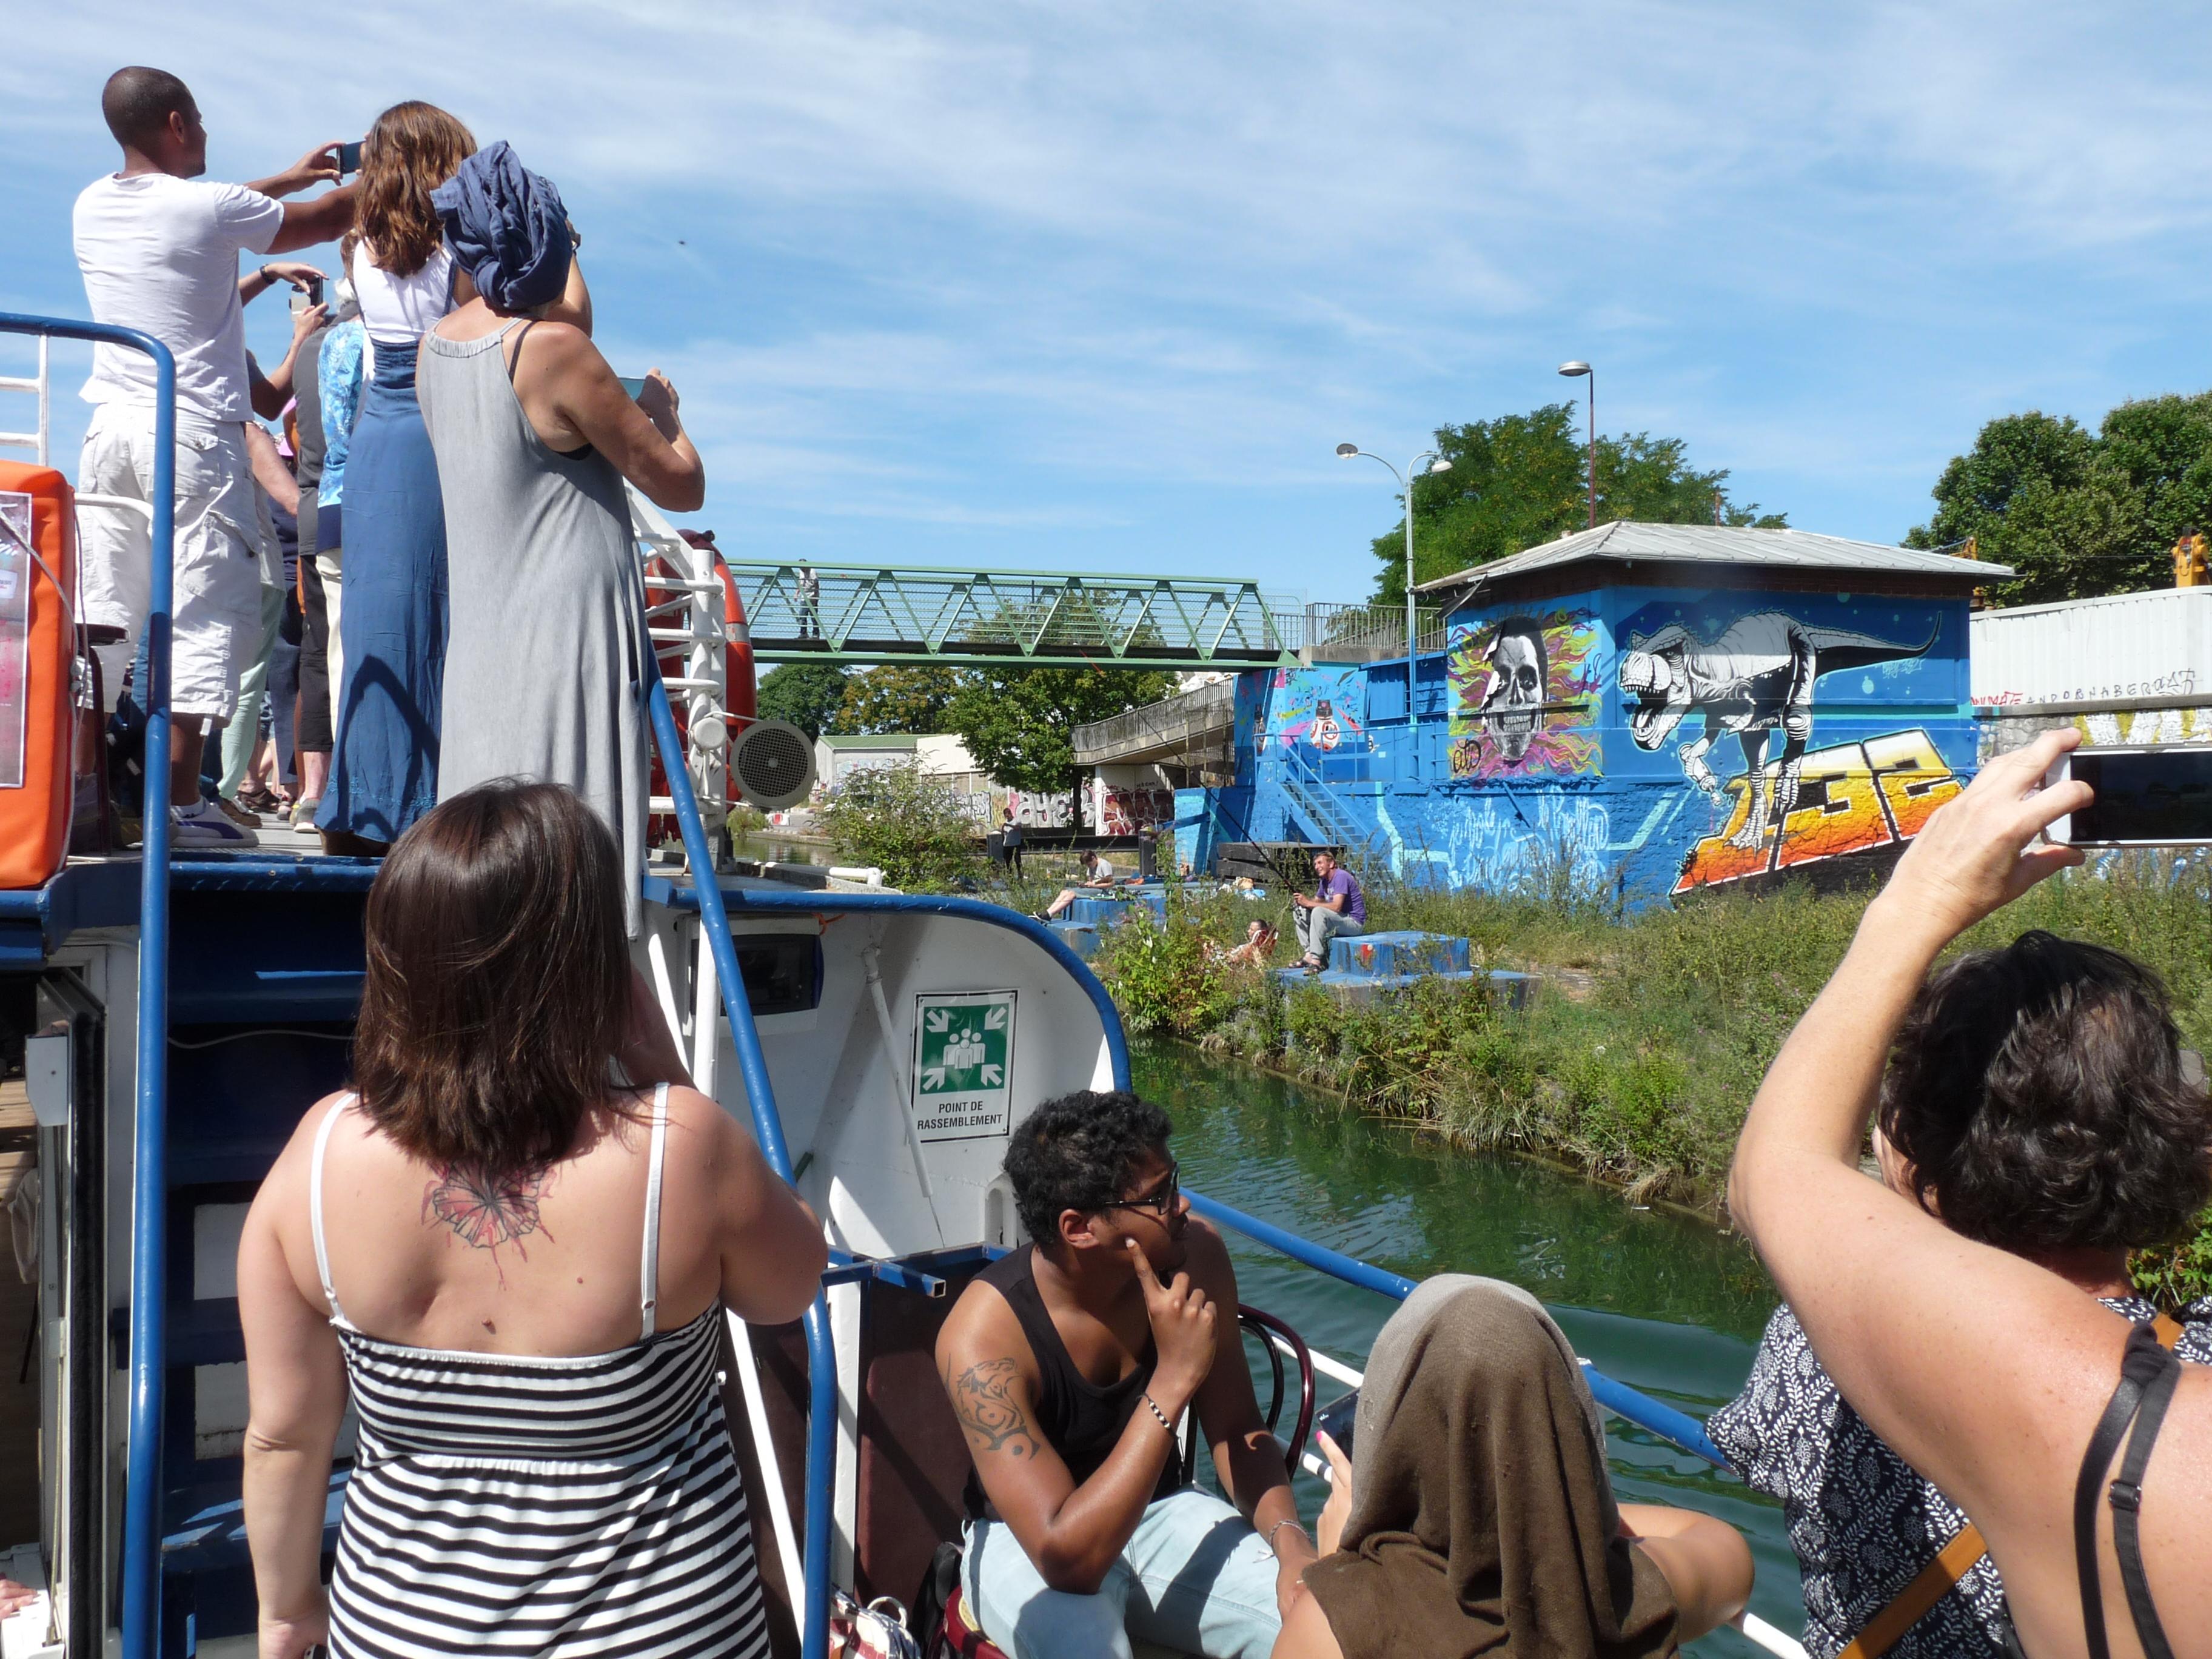 Eté du canal 2016 Croisière street art avenue canal Saint-Denis